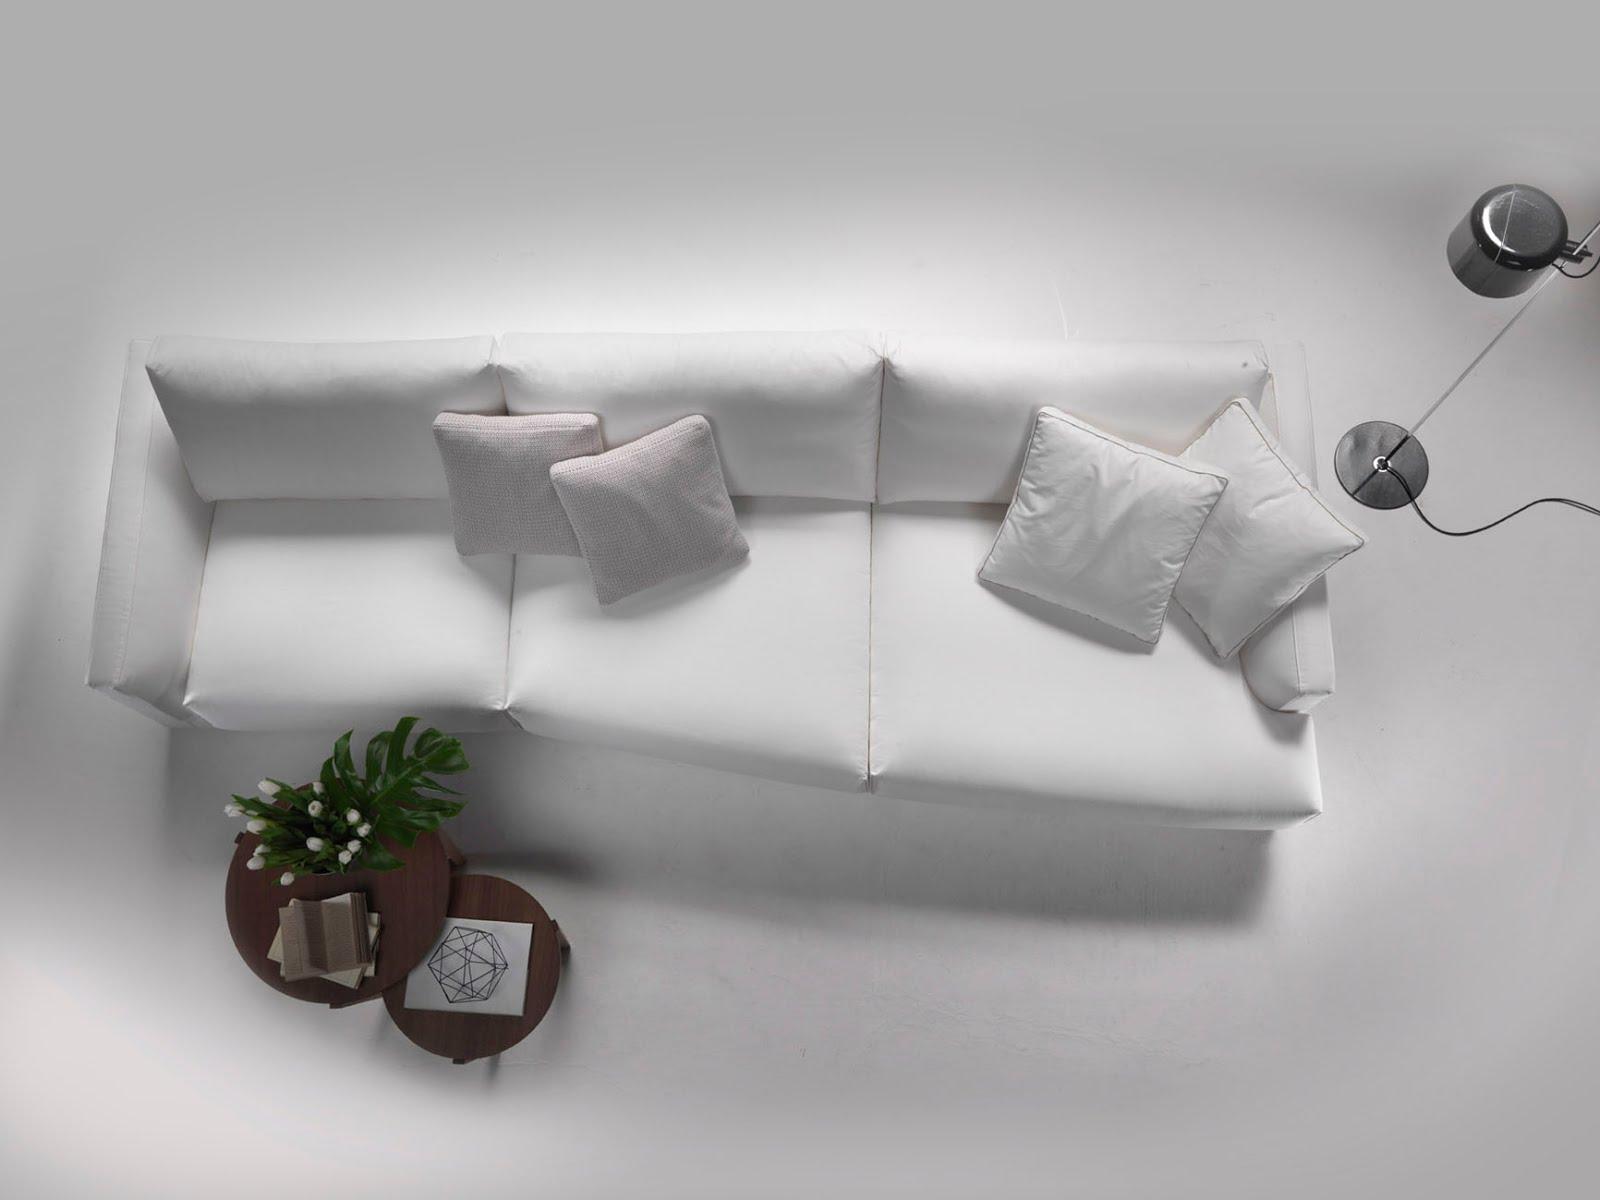 Divani Su Misura Milano fabbrica divani su misura milano | tino mariani